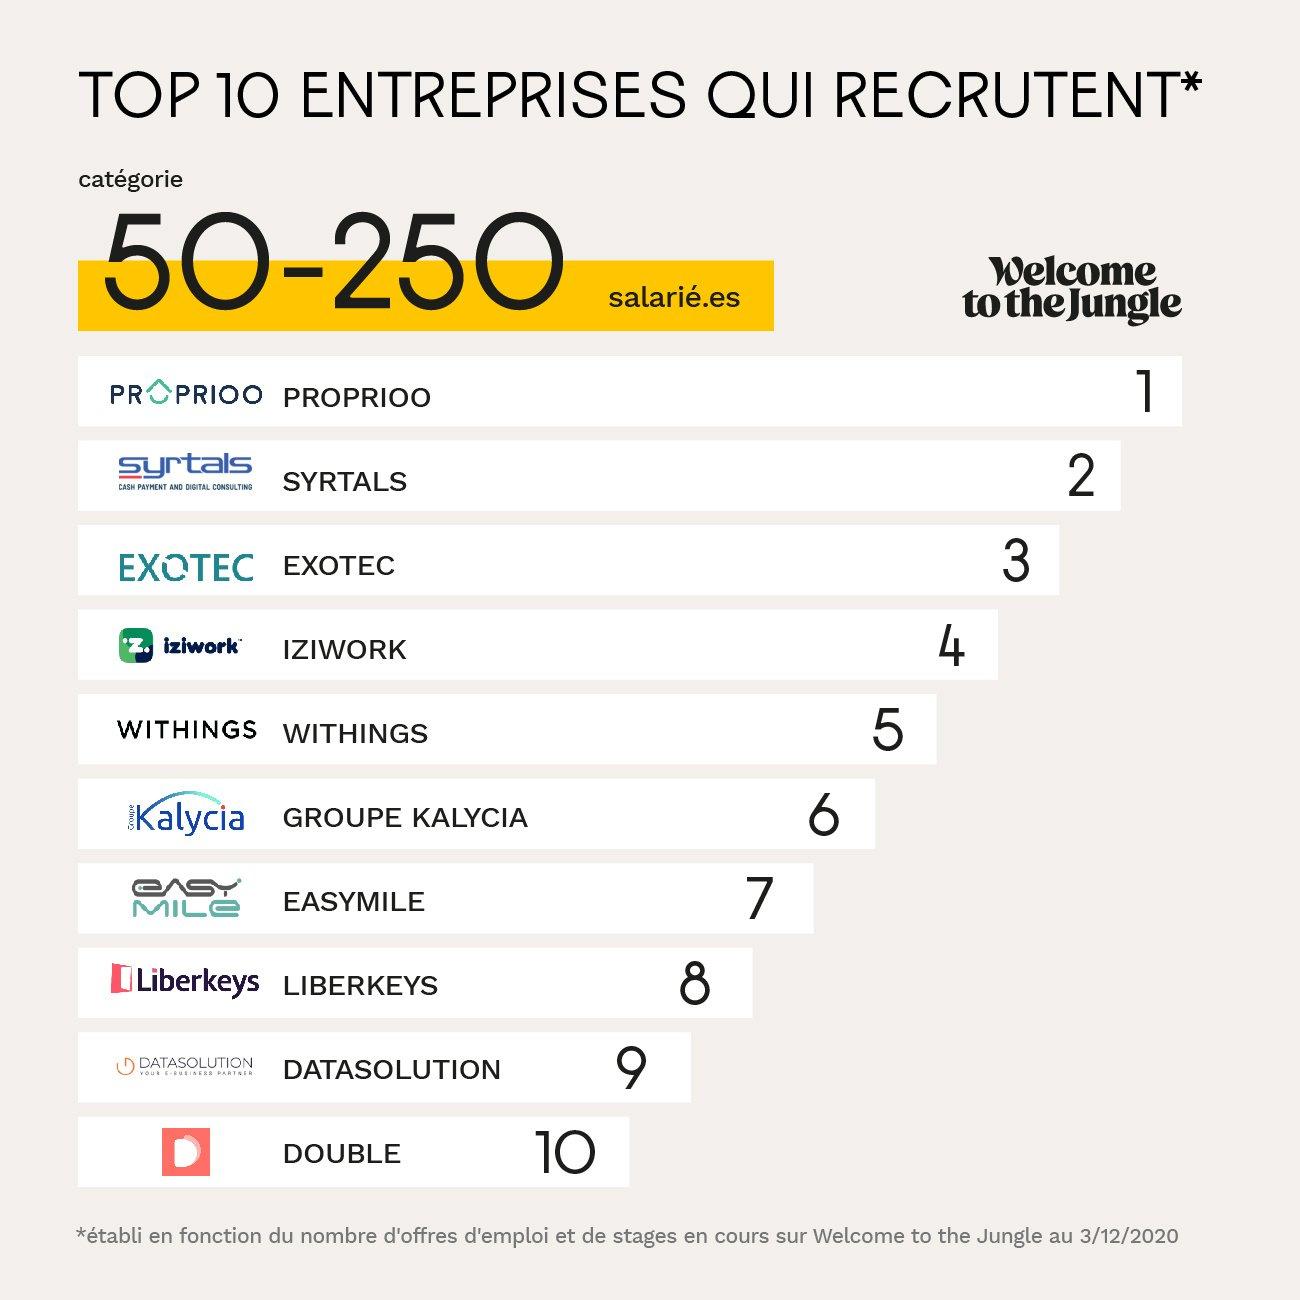 Entreprises entre 50 et 250 employés qui recrutent le plus